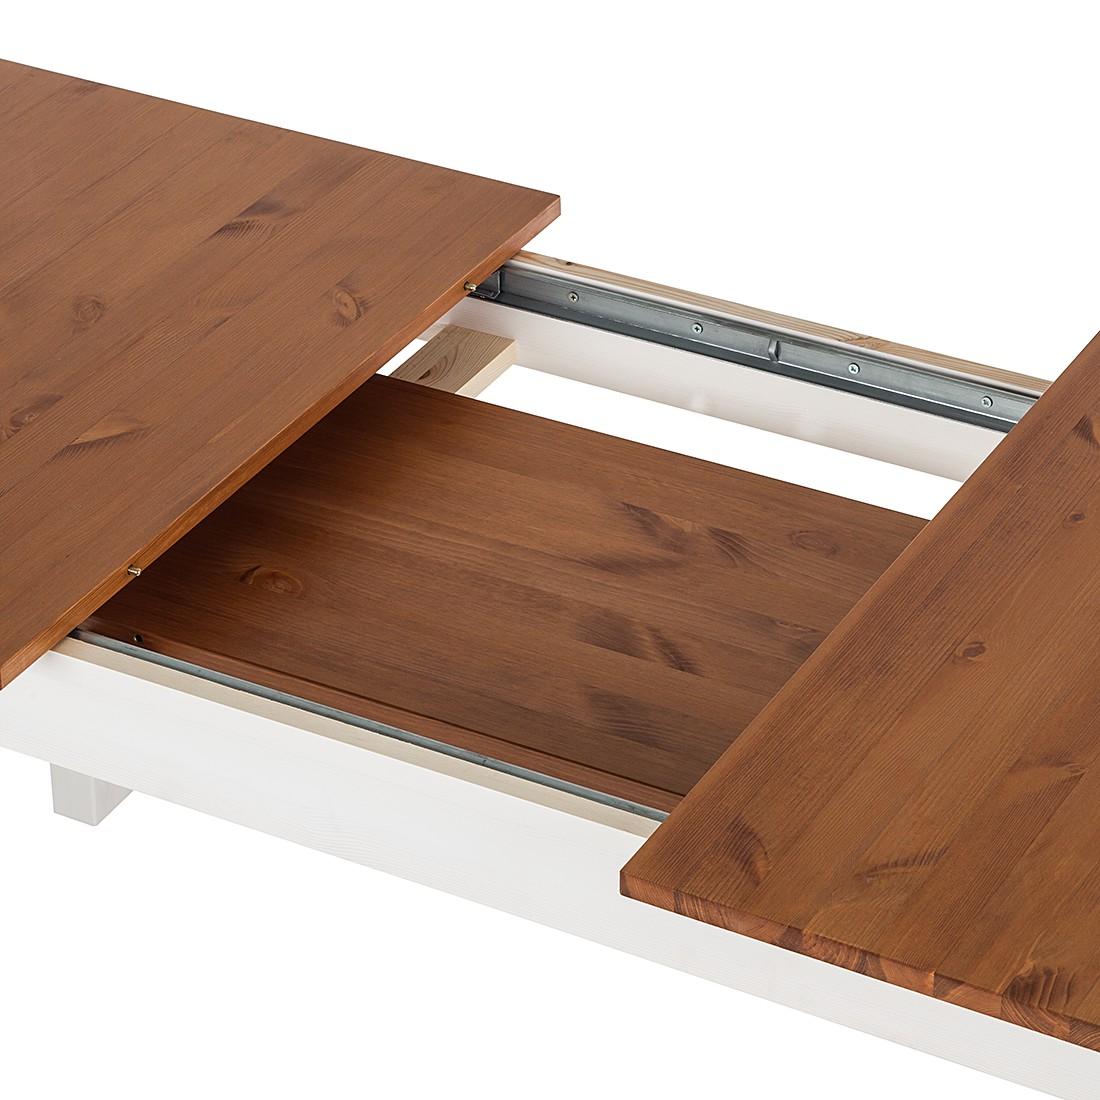 Massivholztisch Von Lars Larson Bei Home24 Bestellen Home24